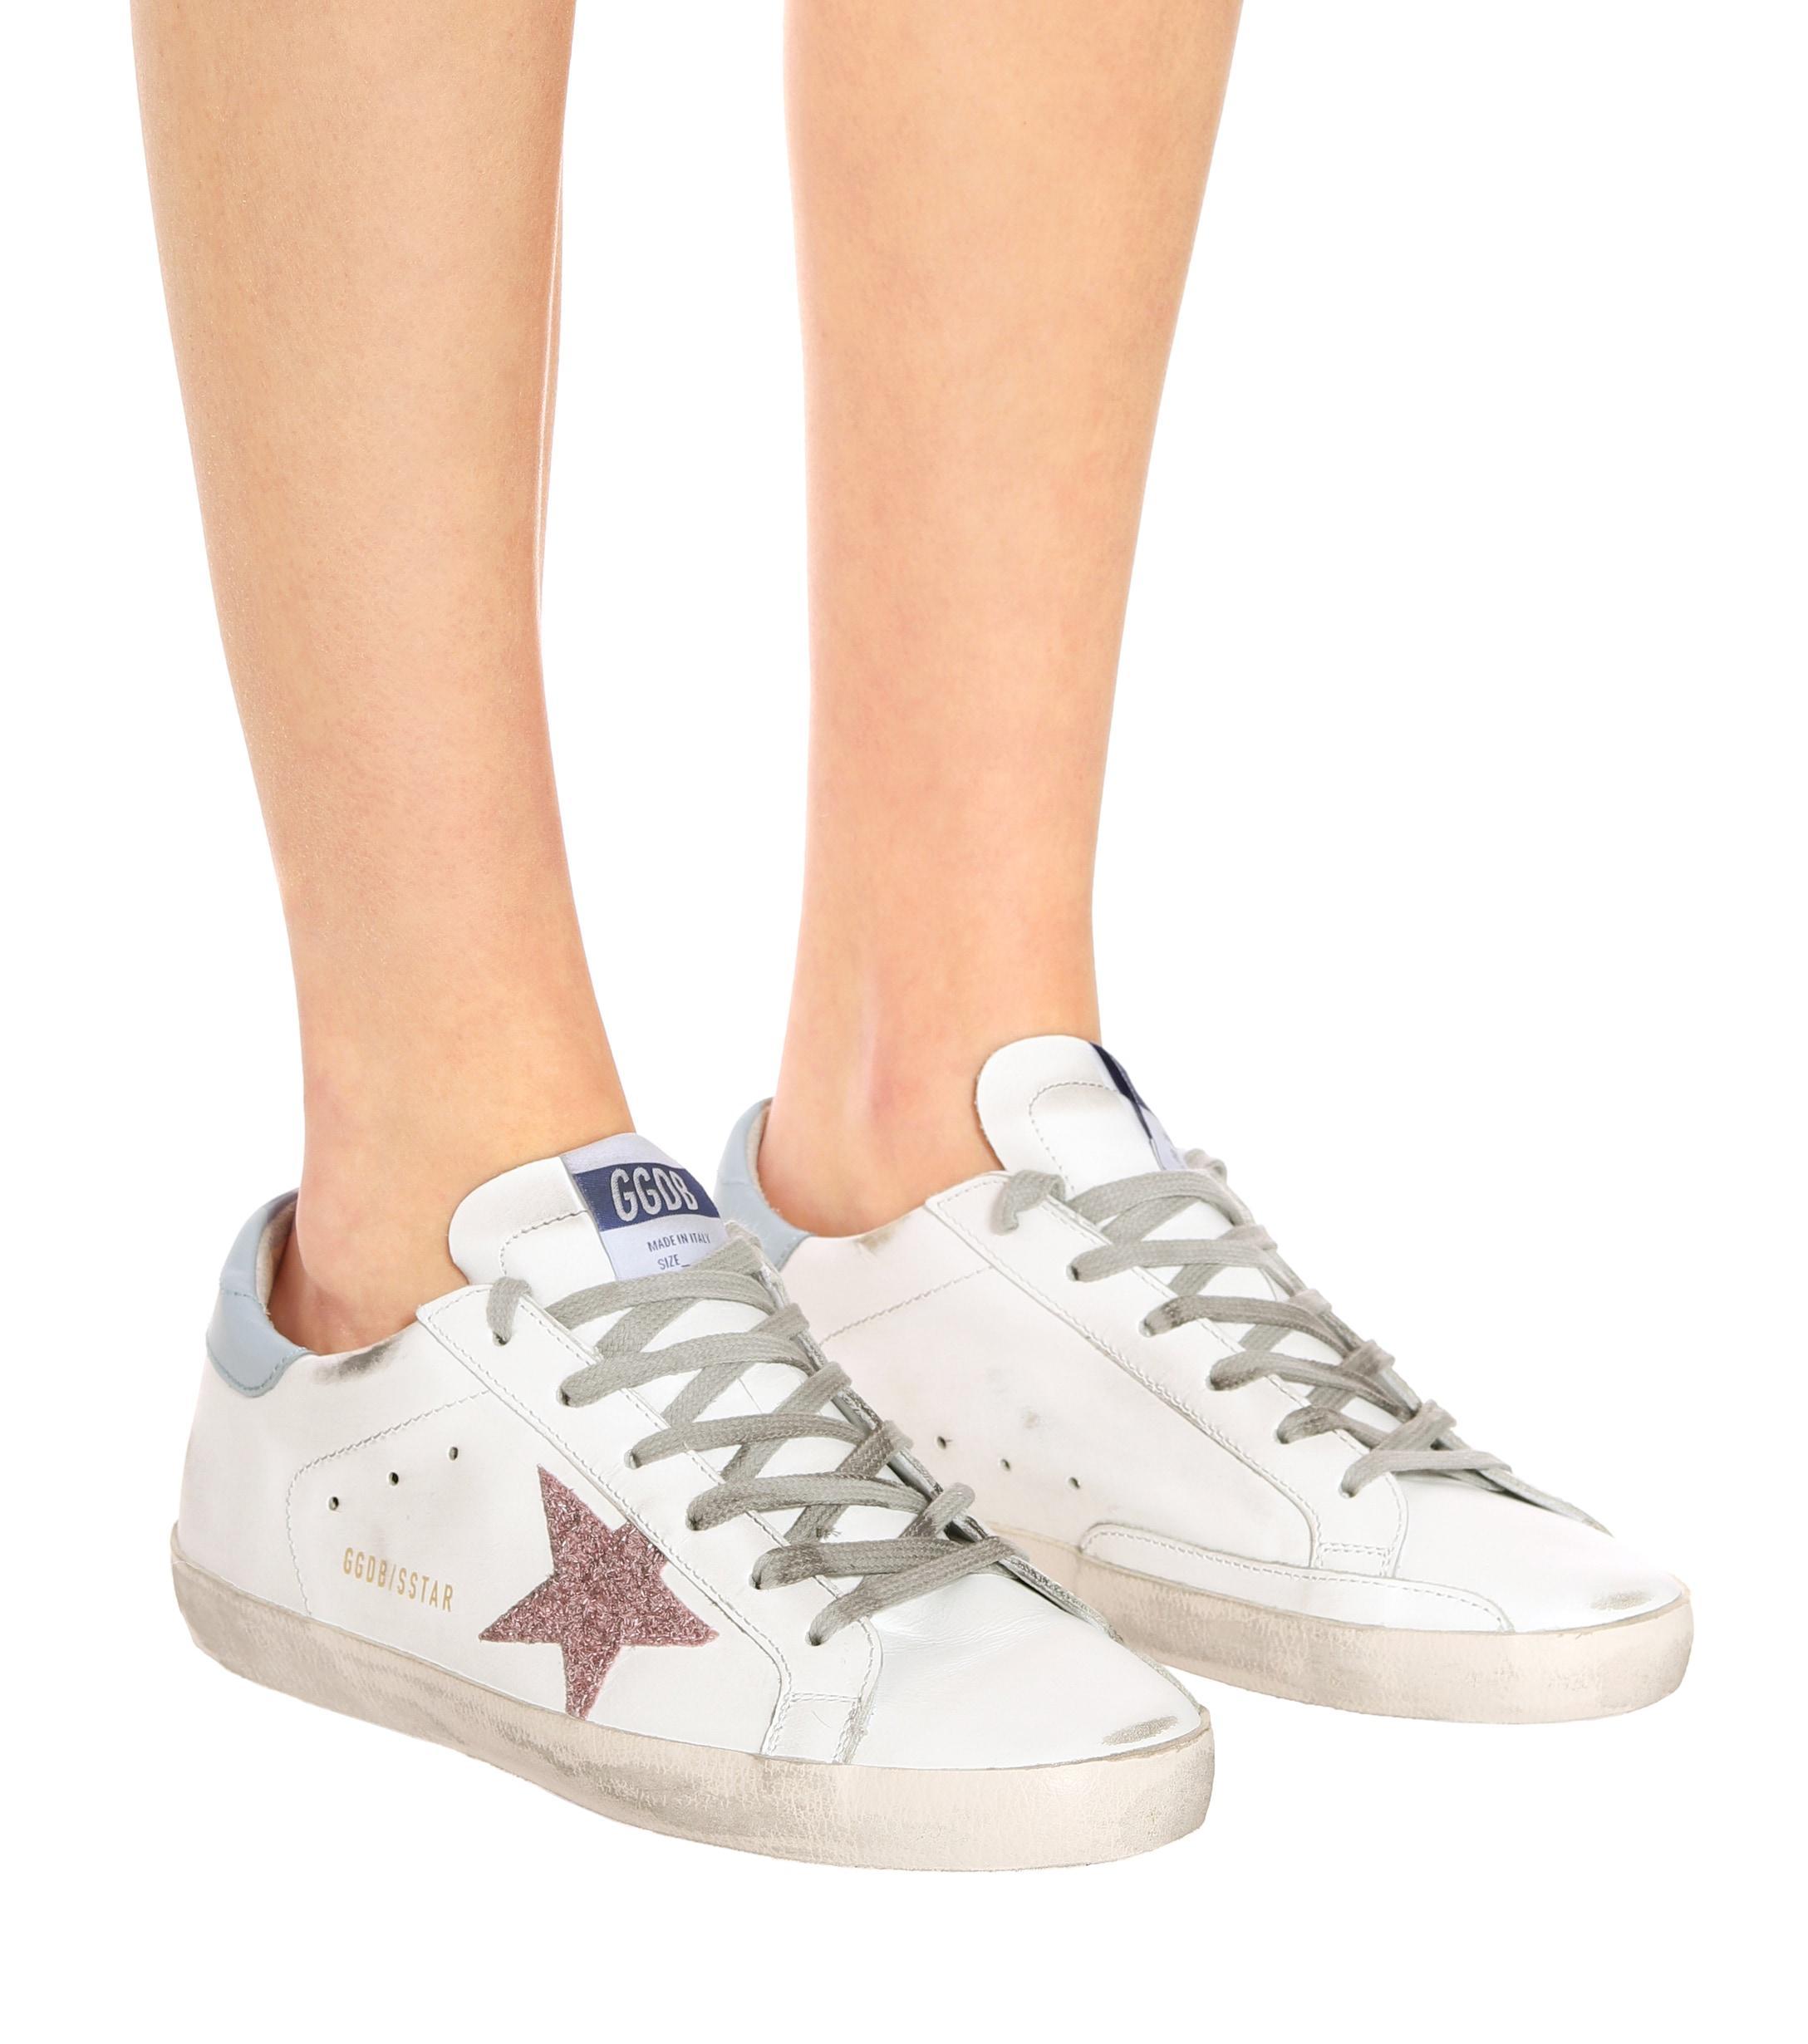 Zapatillas Superstar de piel Golden Goose Deluxe Brand de Cuero de color Blanco